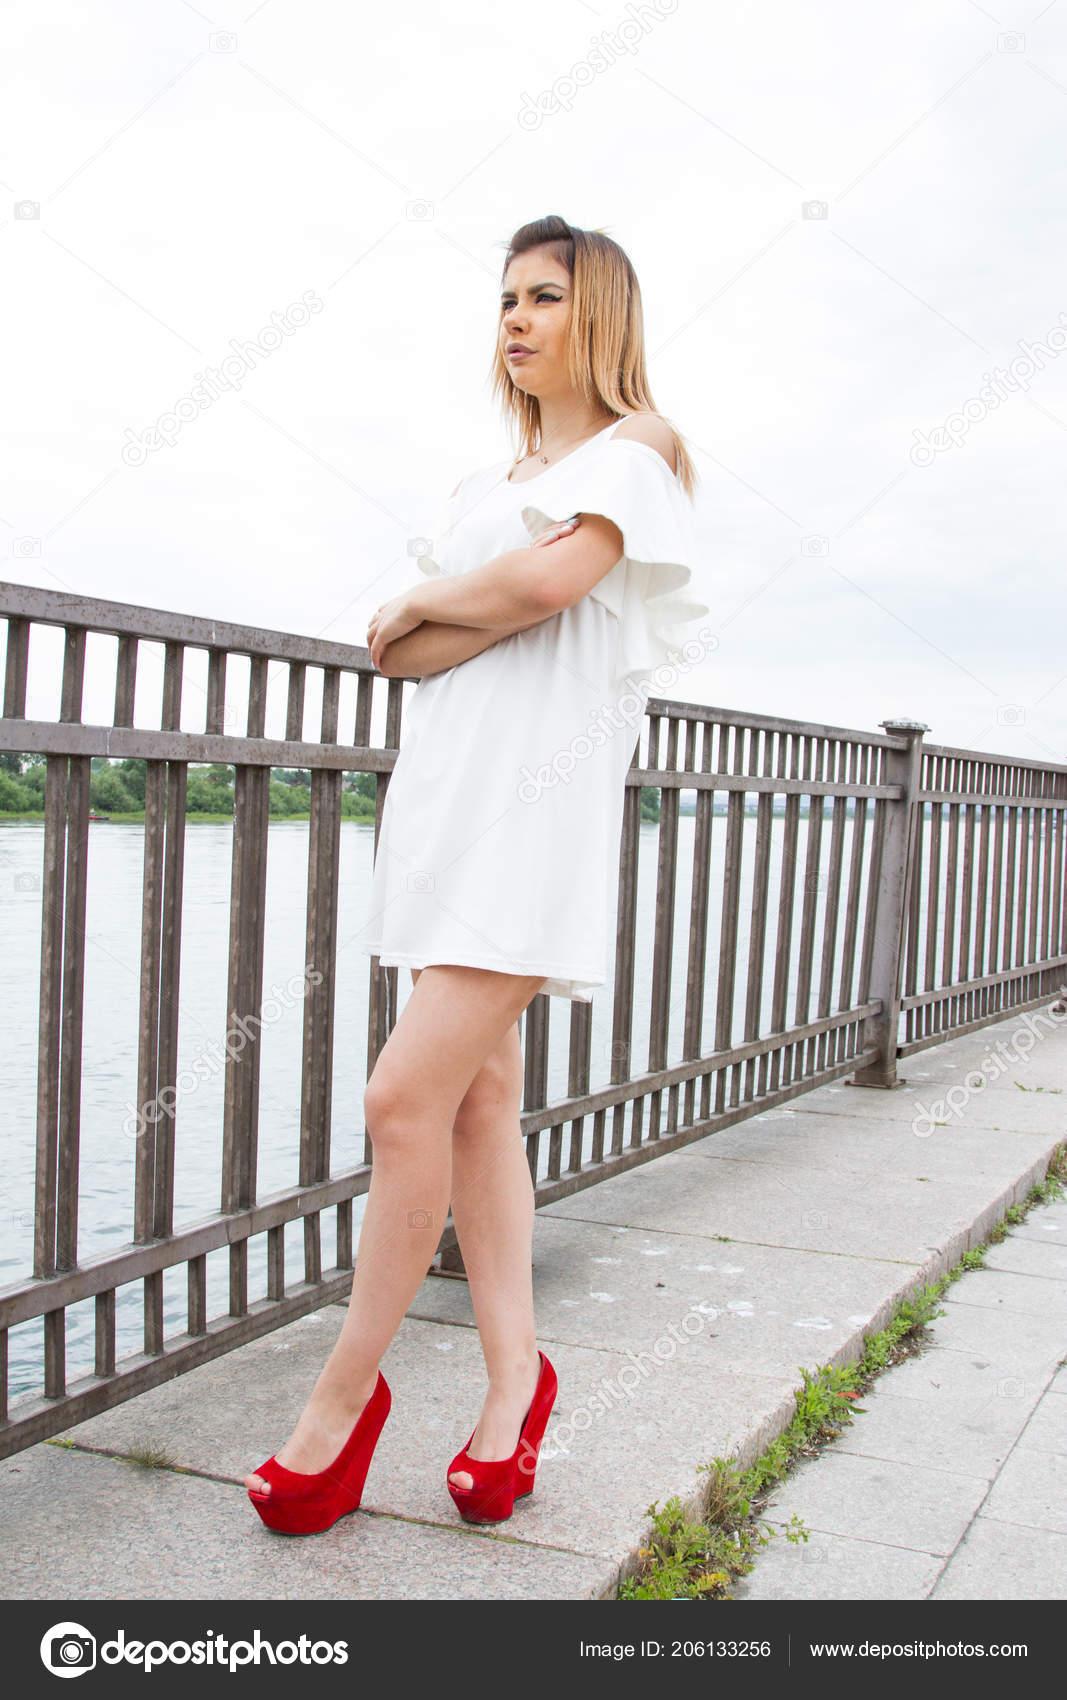 1a391d80bbd8 Dívka Krátkých Bílých Šatech Stojí Nábřeží Ploty — Stock Fotografie ...